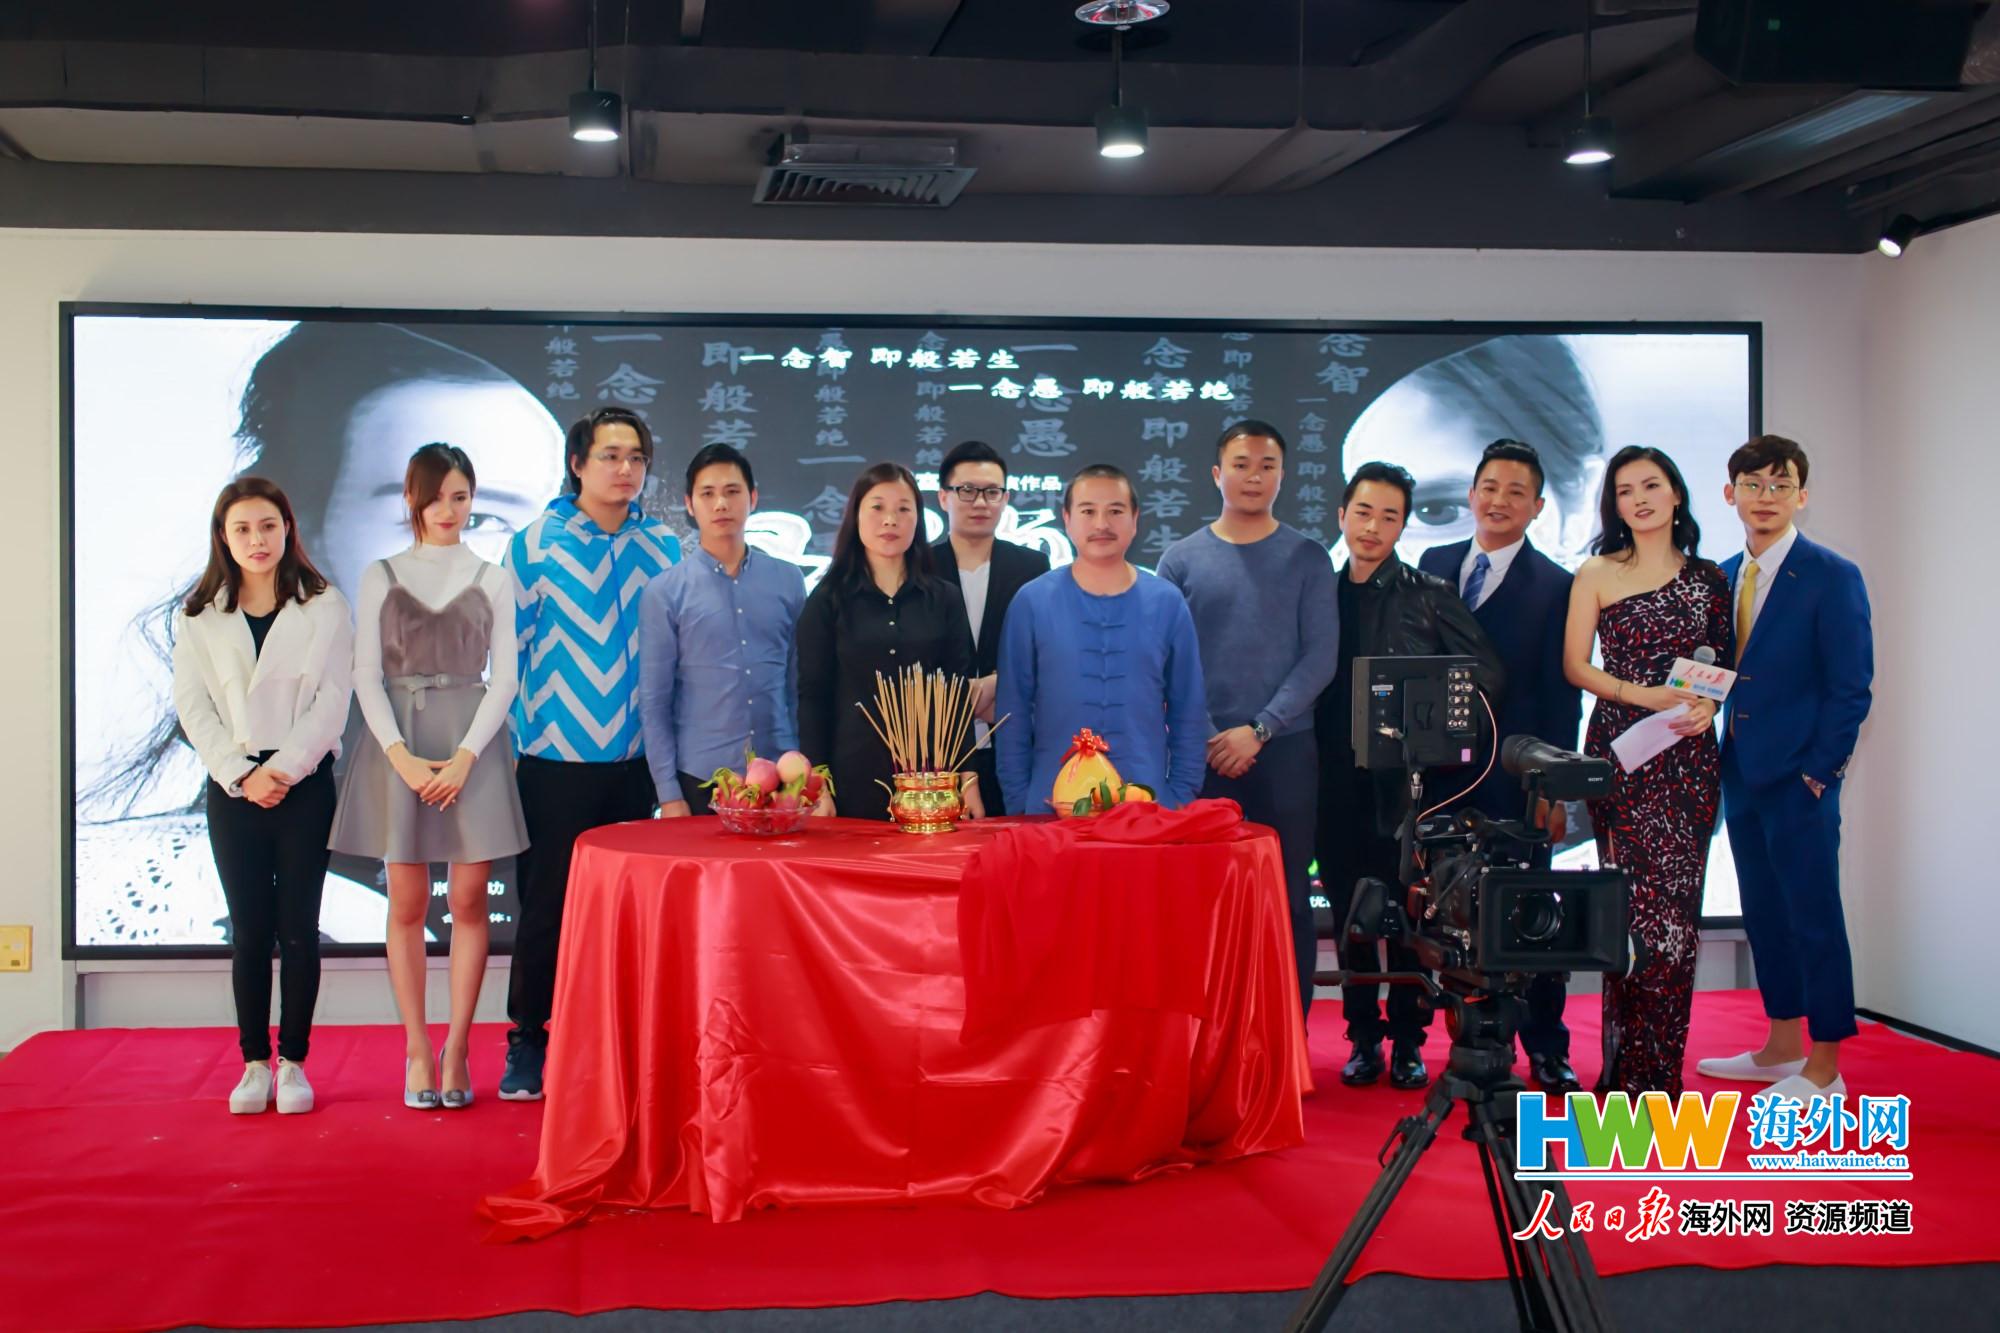 新媒体电影《尾随者》广州开机 开启南方电影新征程